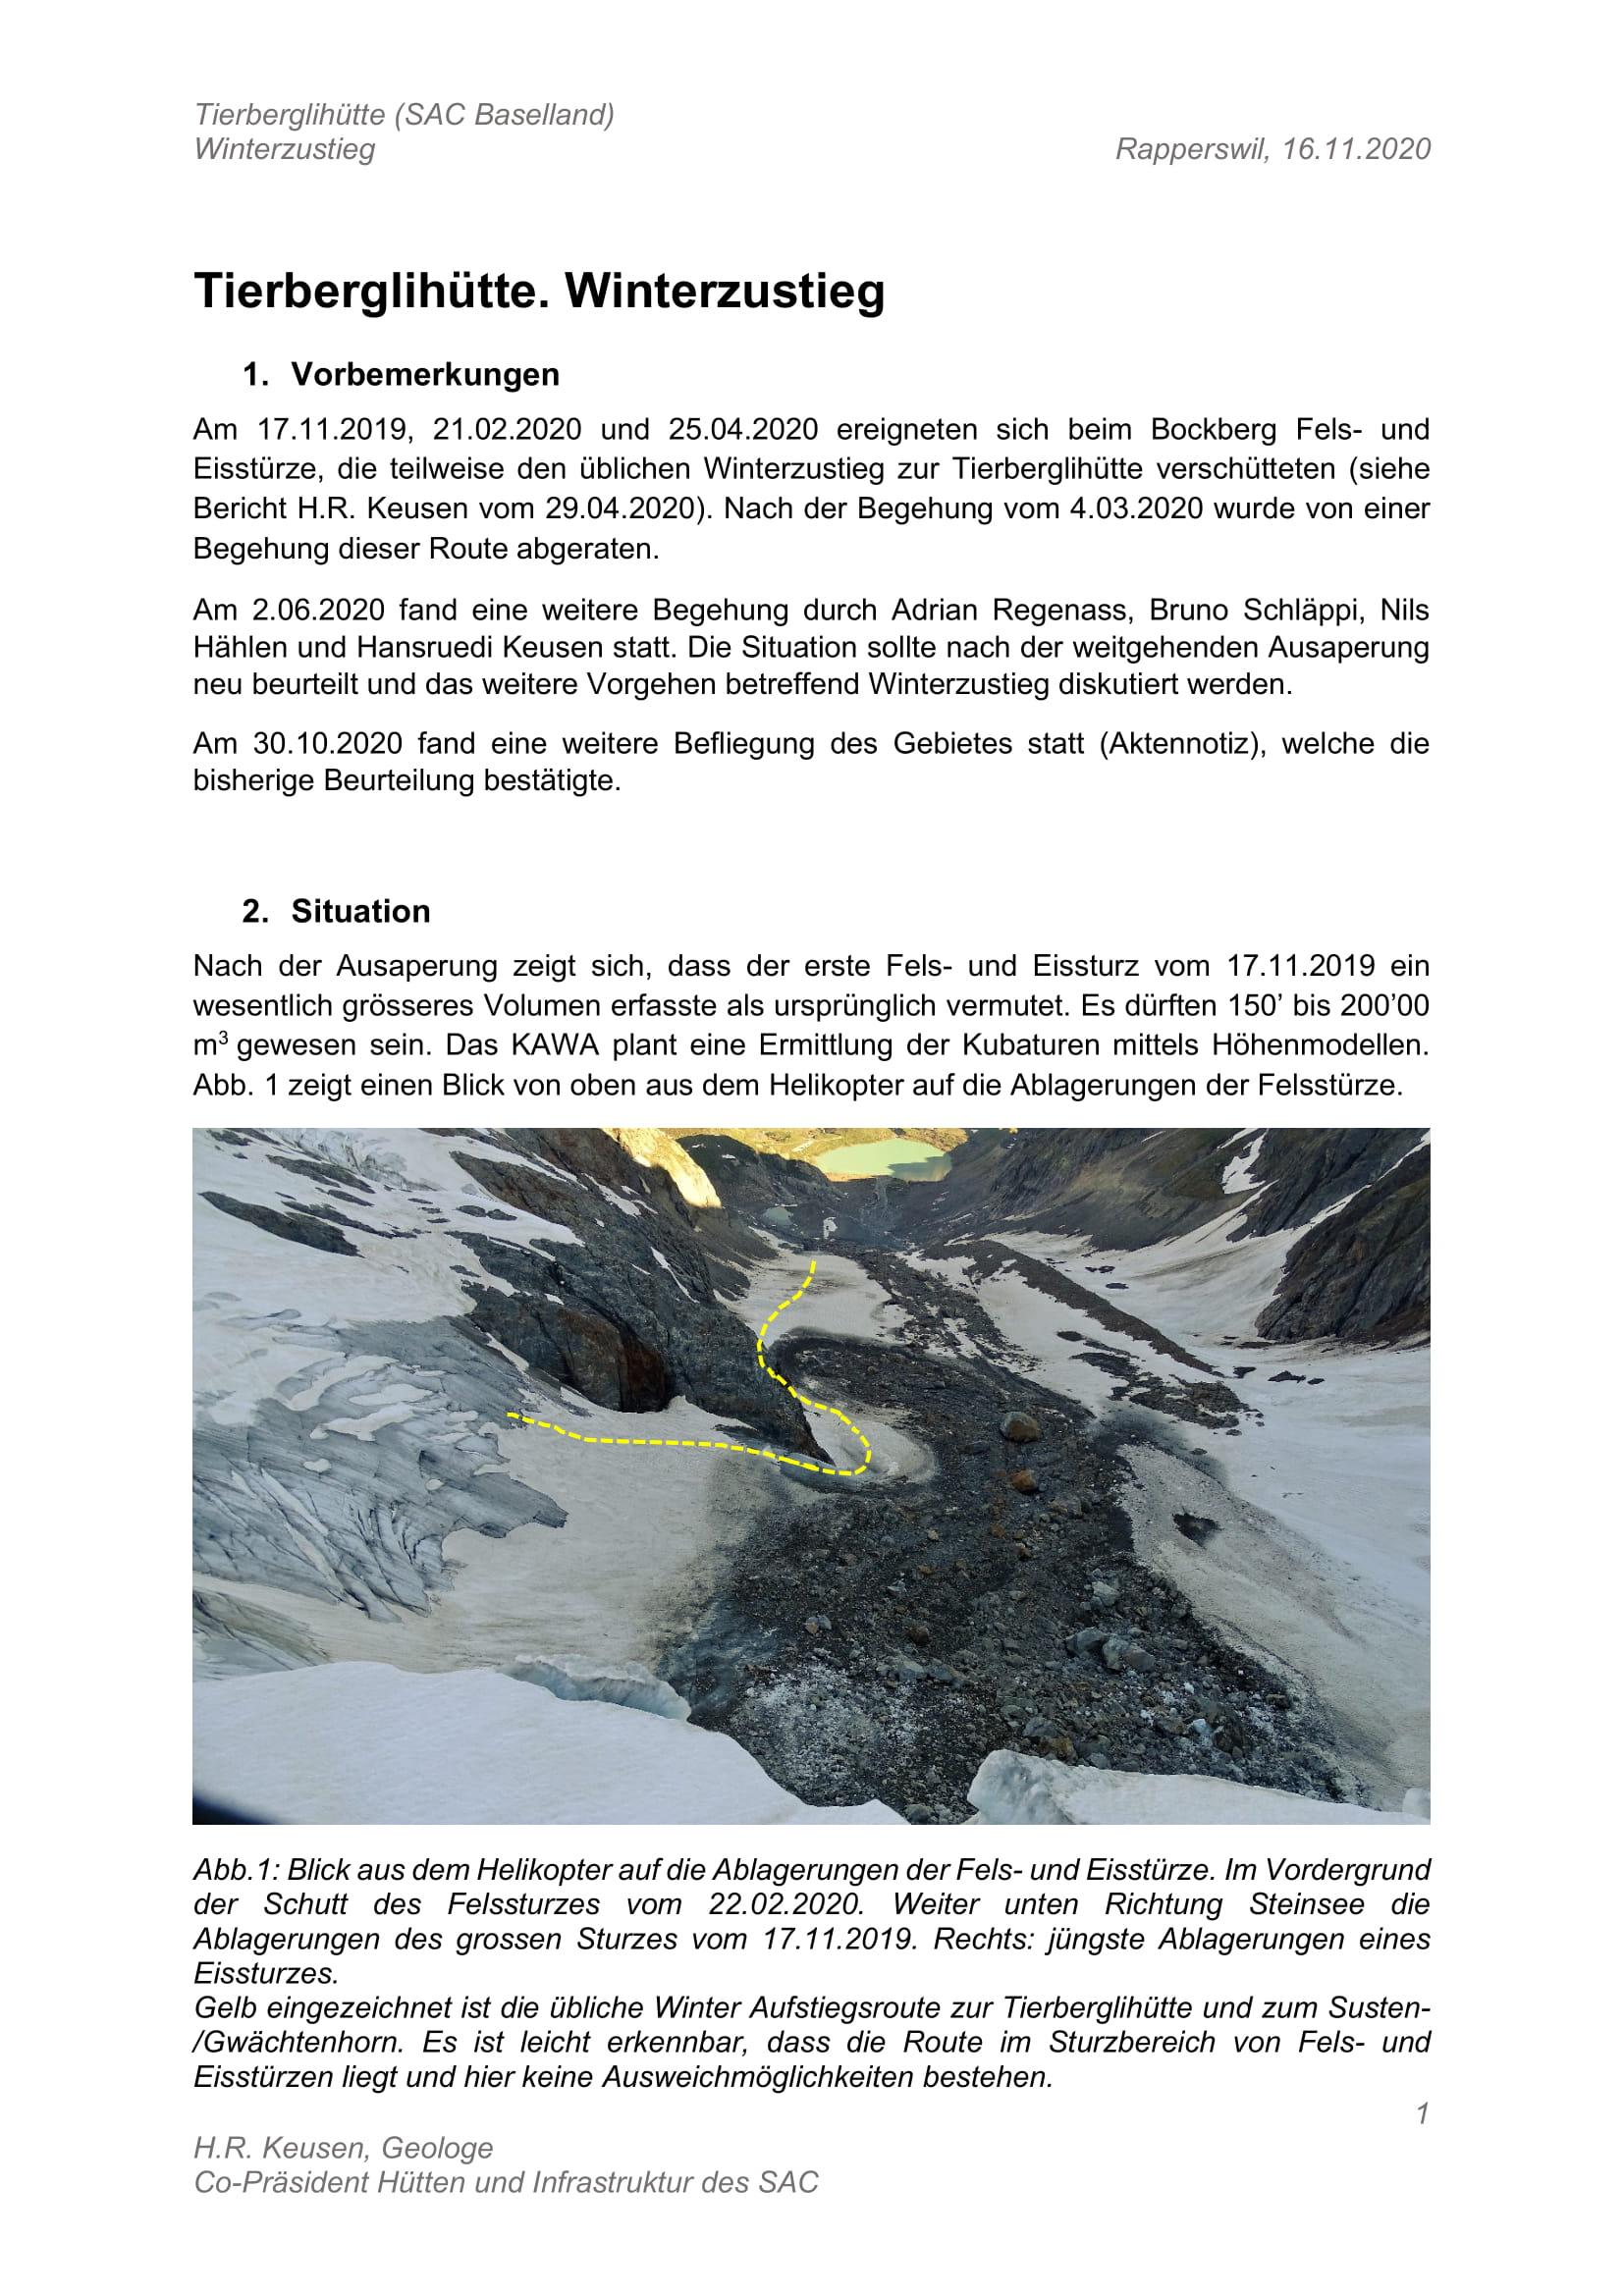 Aktualisierter Bericht vom 16.11.2020